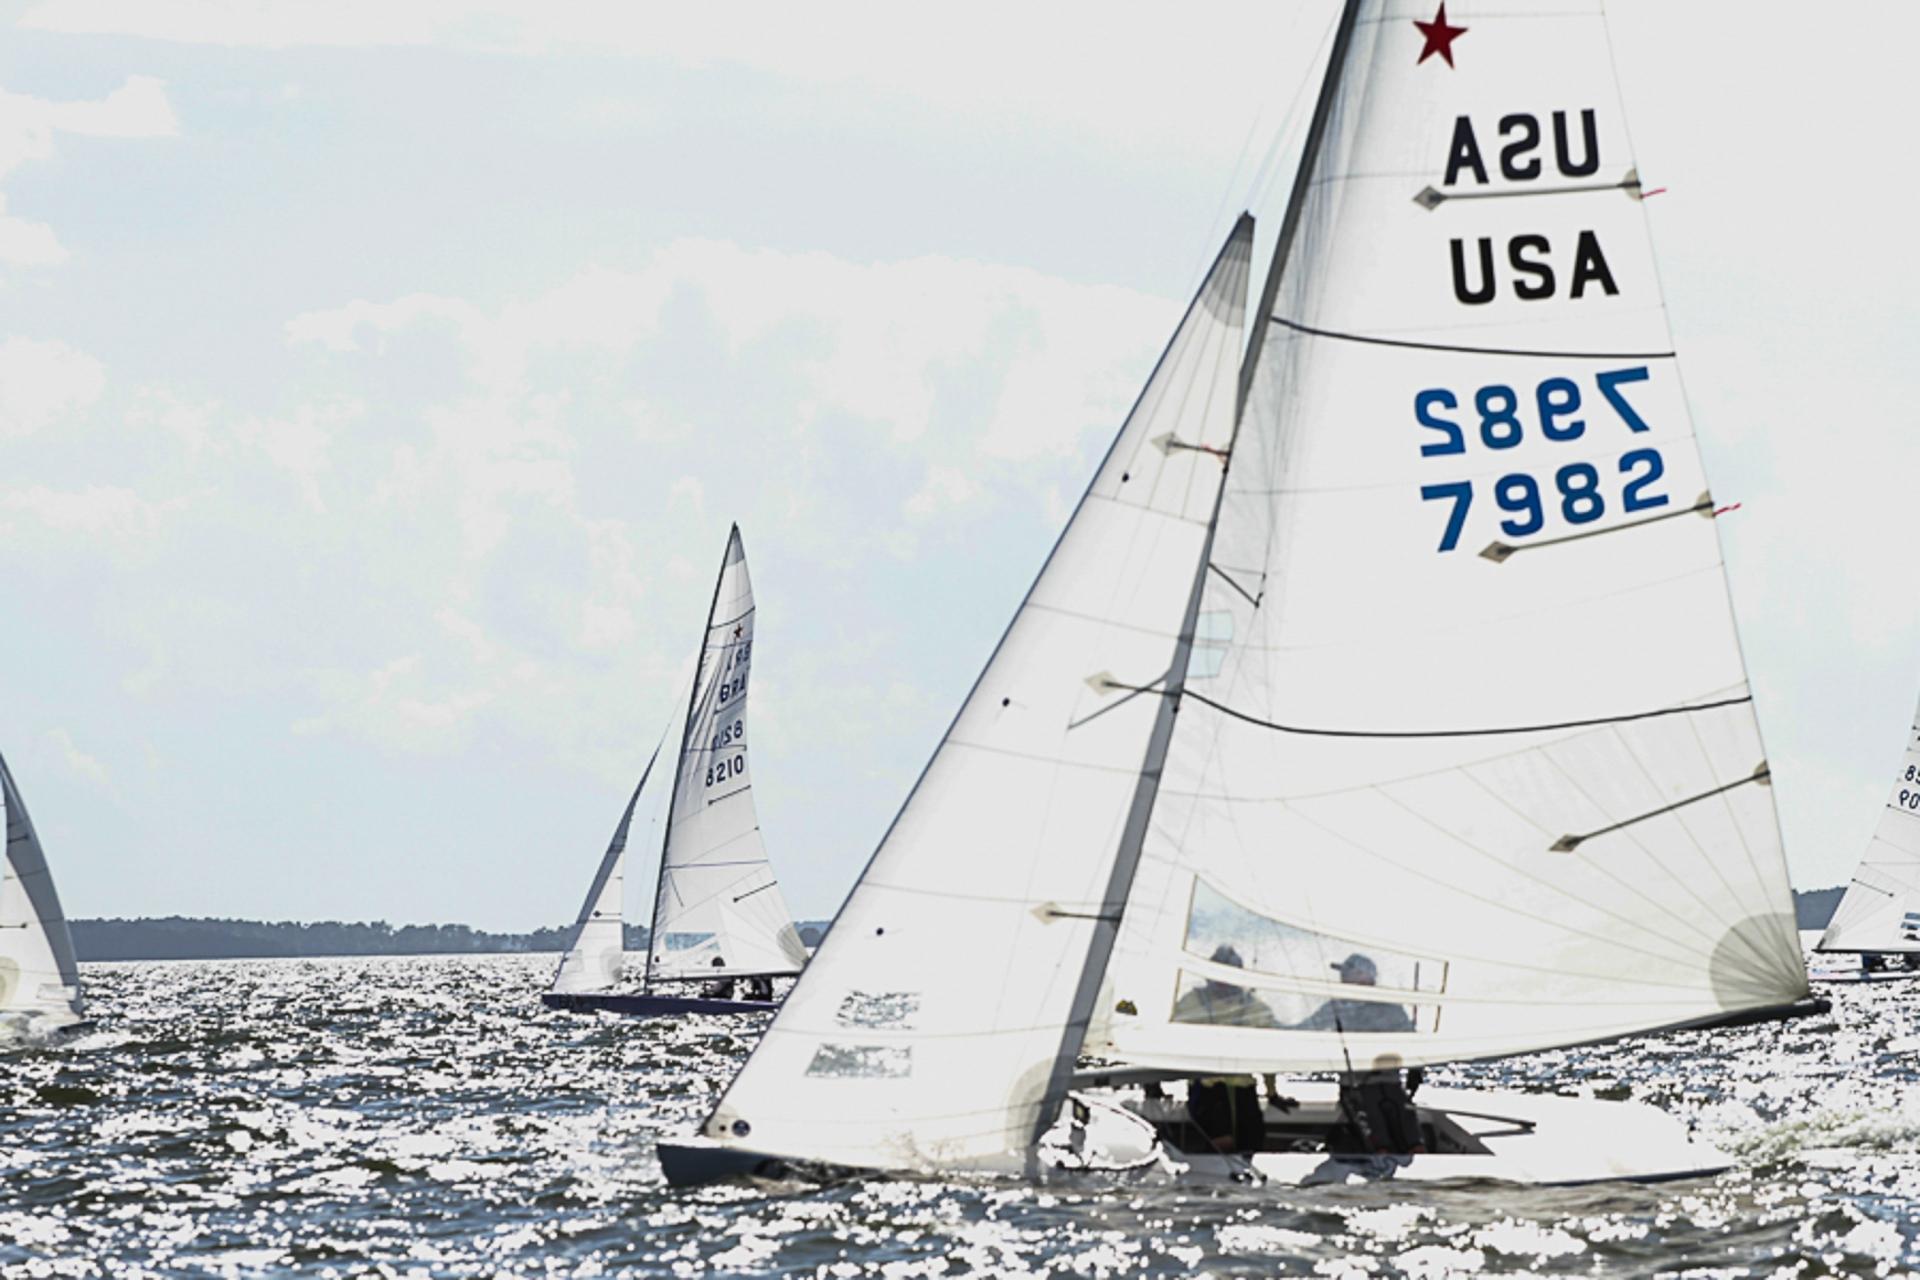 Aperte le iscrizioni per il Campionato Mondiale Classe Star - NEWS - Yacht Club Costa Smeralda